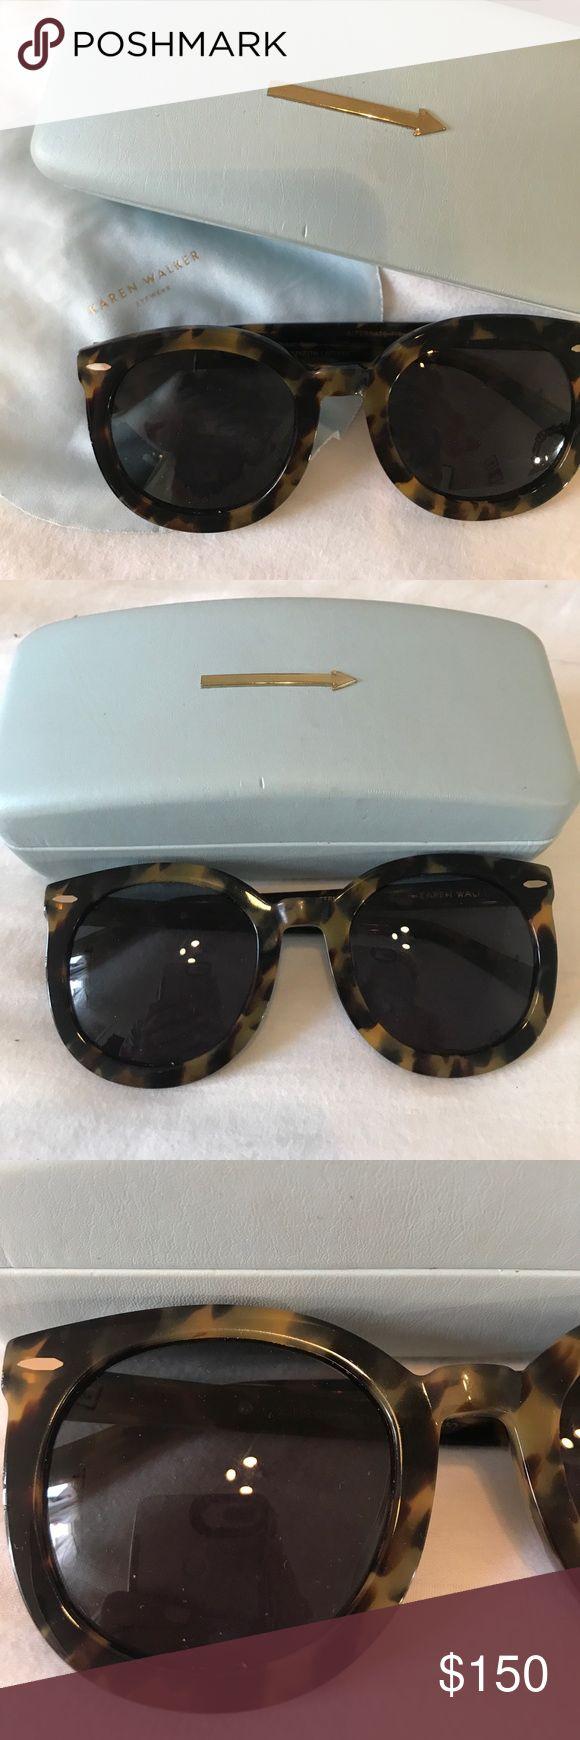 Karen Walker Sunglasses Super Duper Strength Sunglasses. Worn a handful of times. Karen Walker Accessories Sunglasses